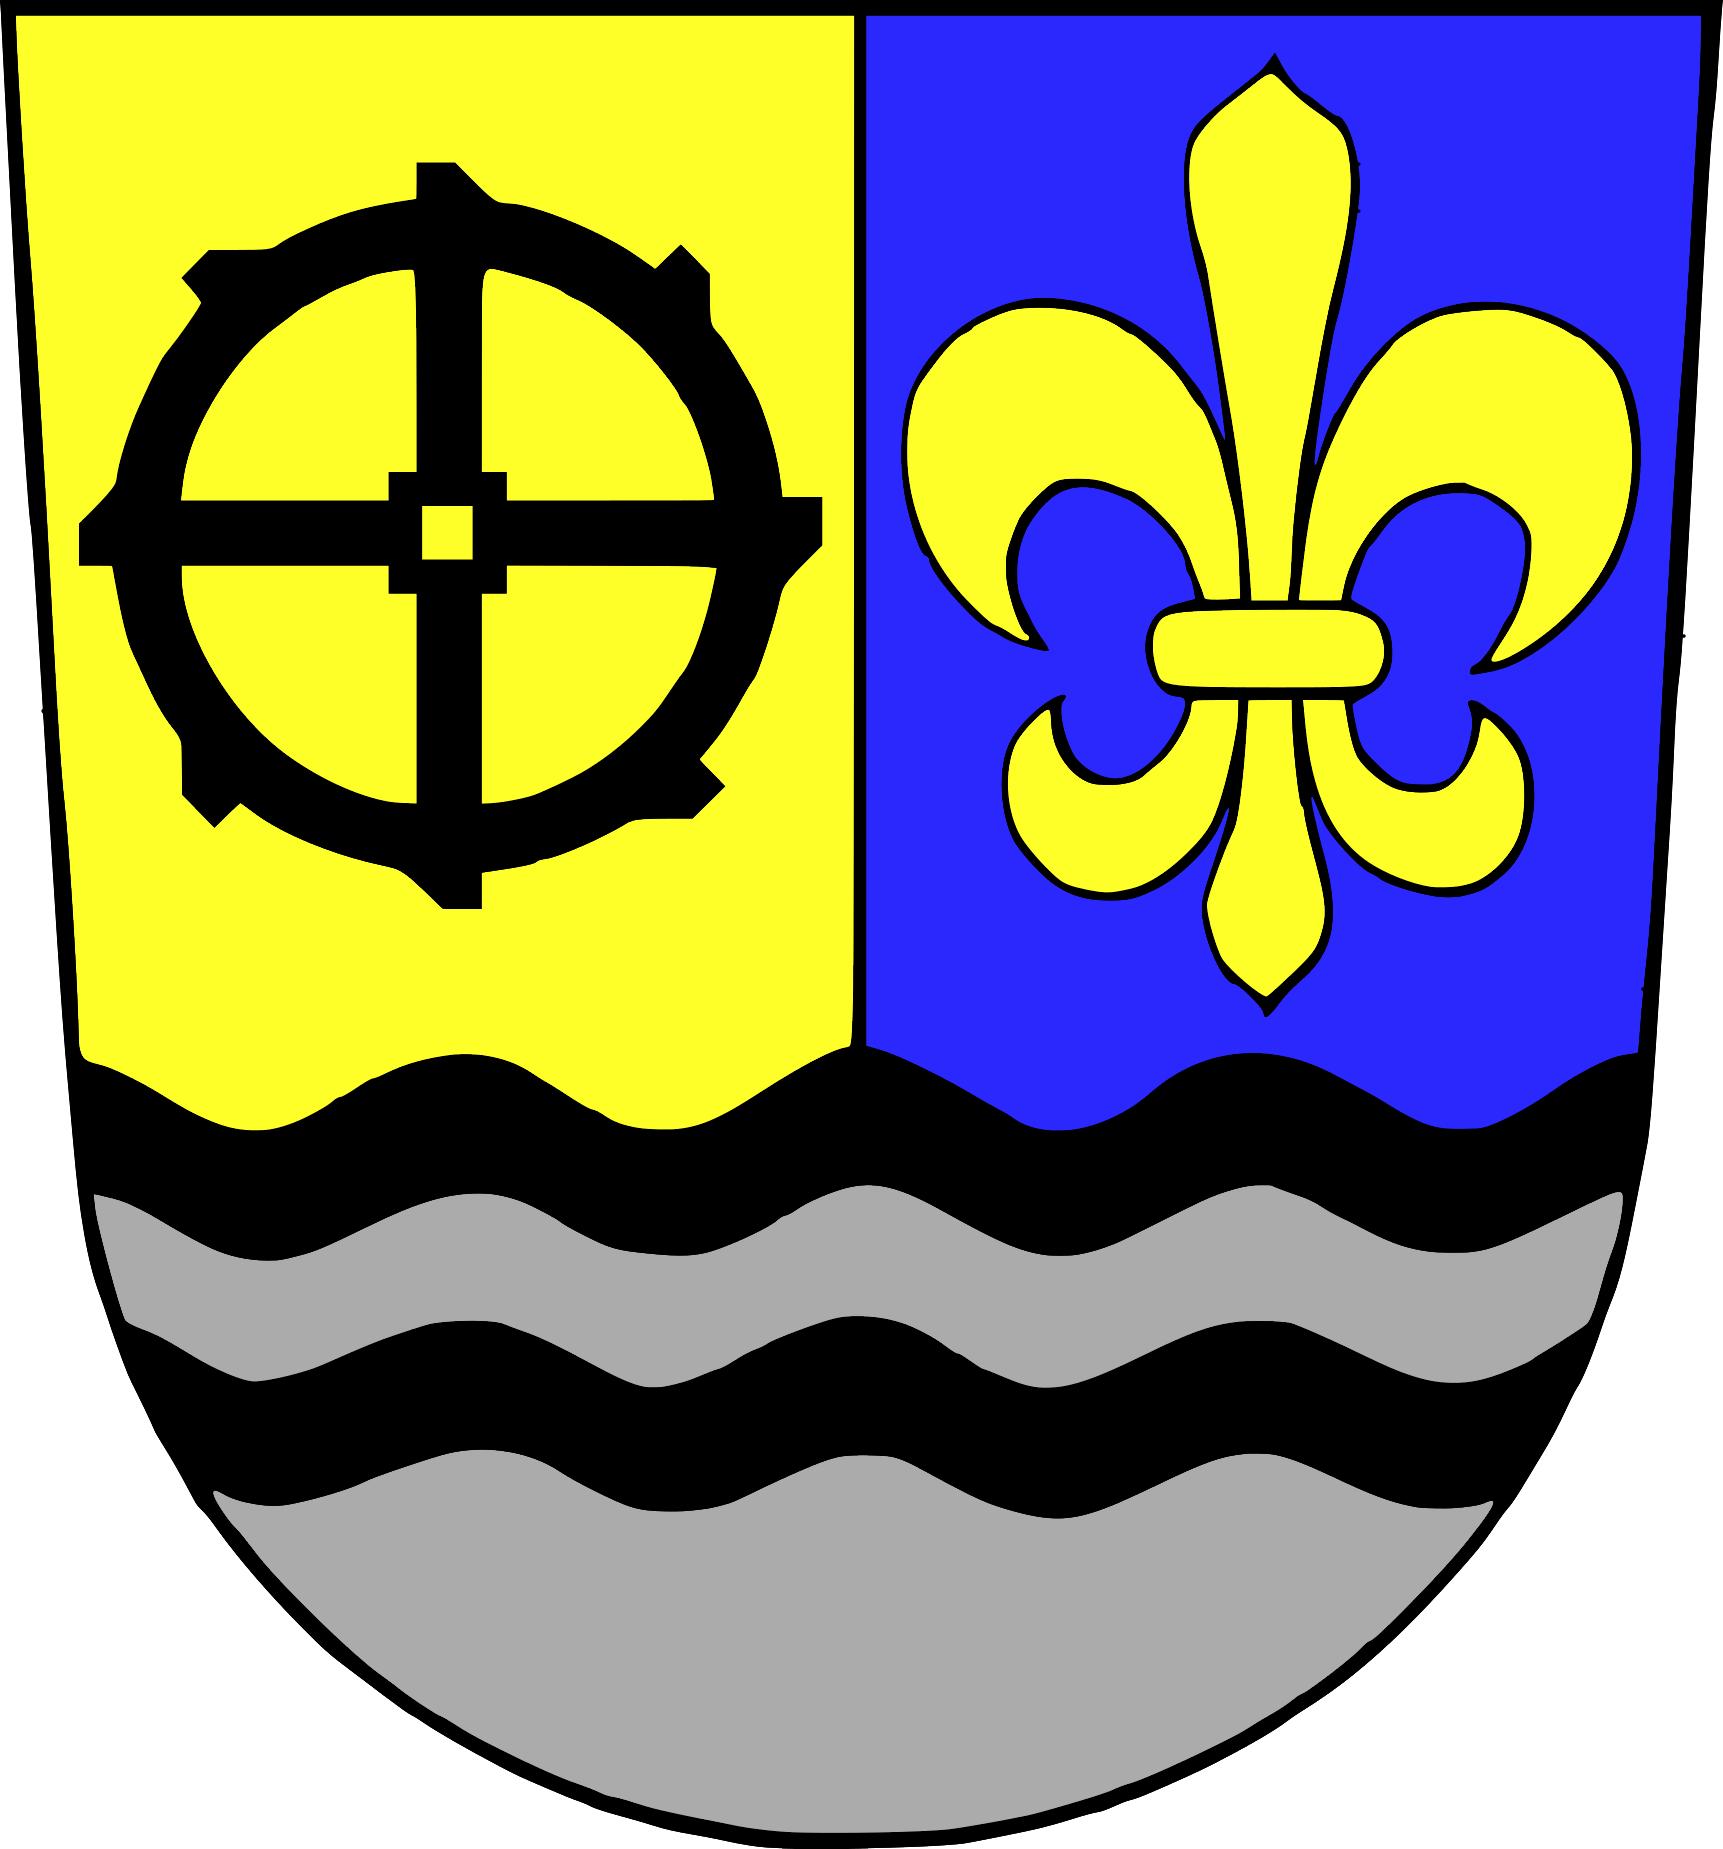 Wappen für den Ortsteil Herzlich Willkommen in Gersheim! - Gersheim